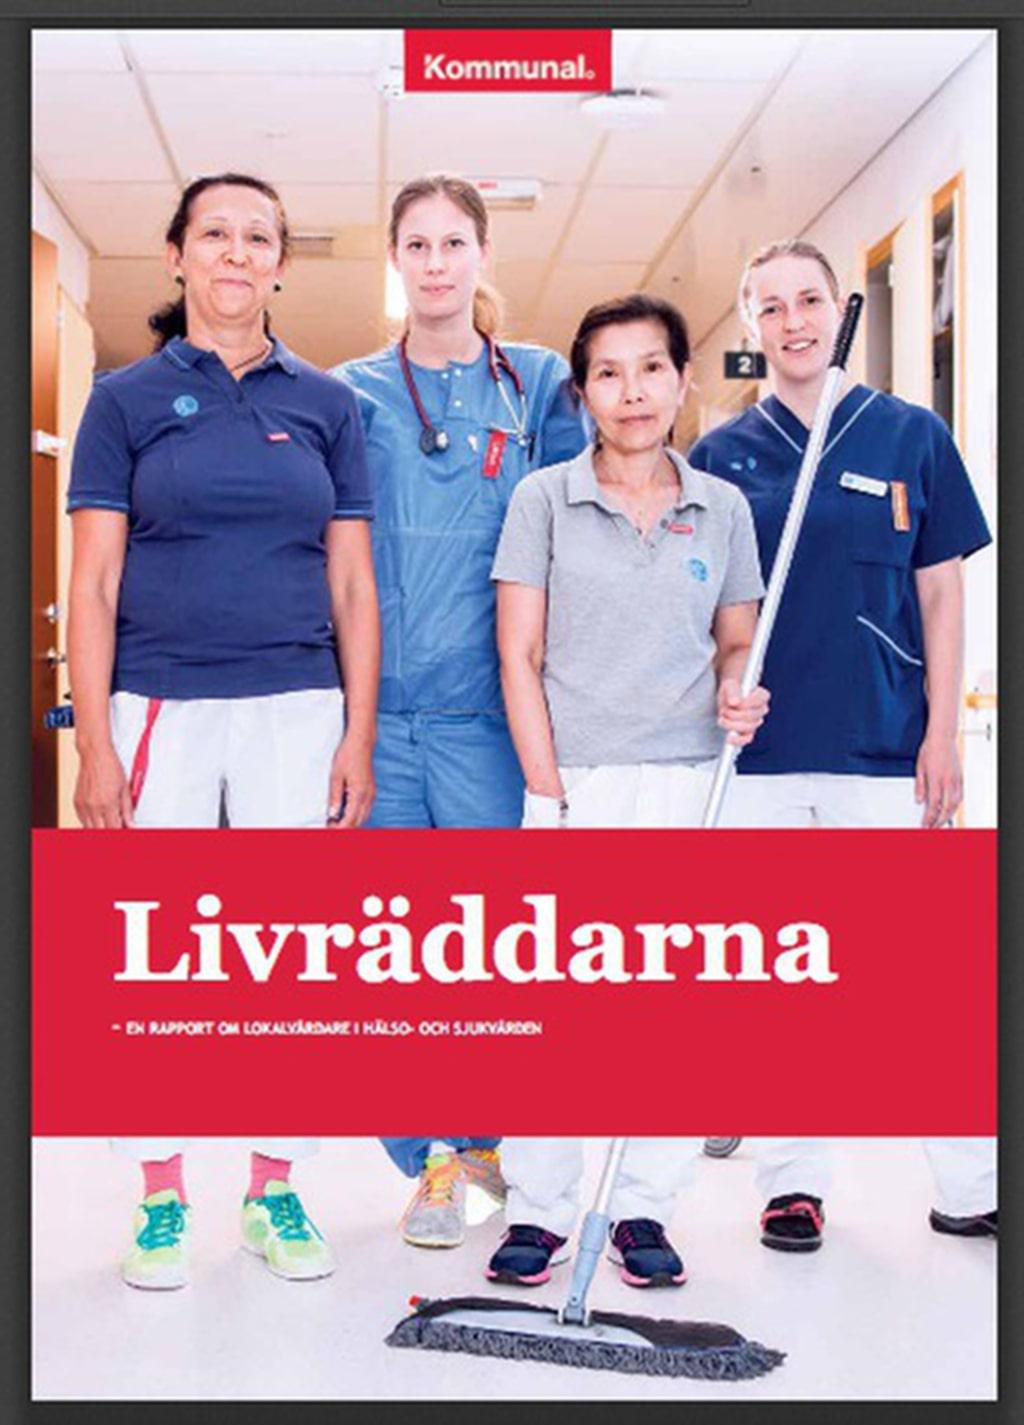 Rapport. Dålig städning på många sjukhus, avslöjar en ny rapport från Kommunal.